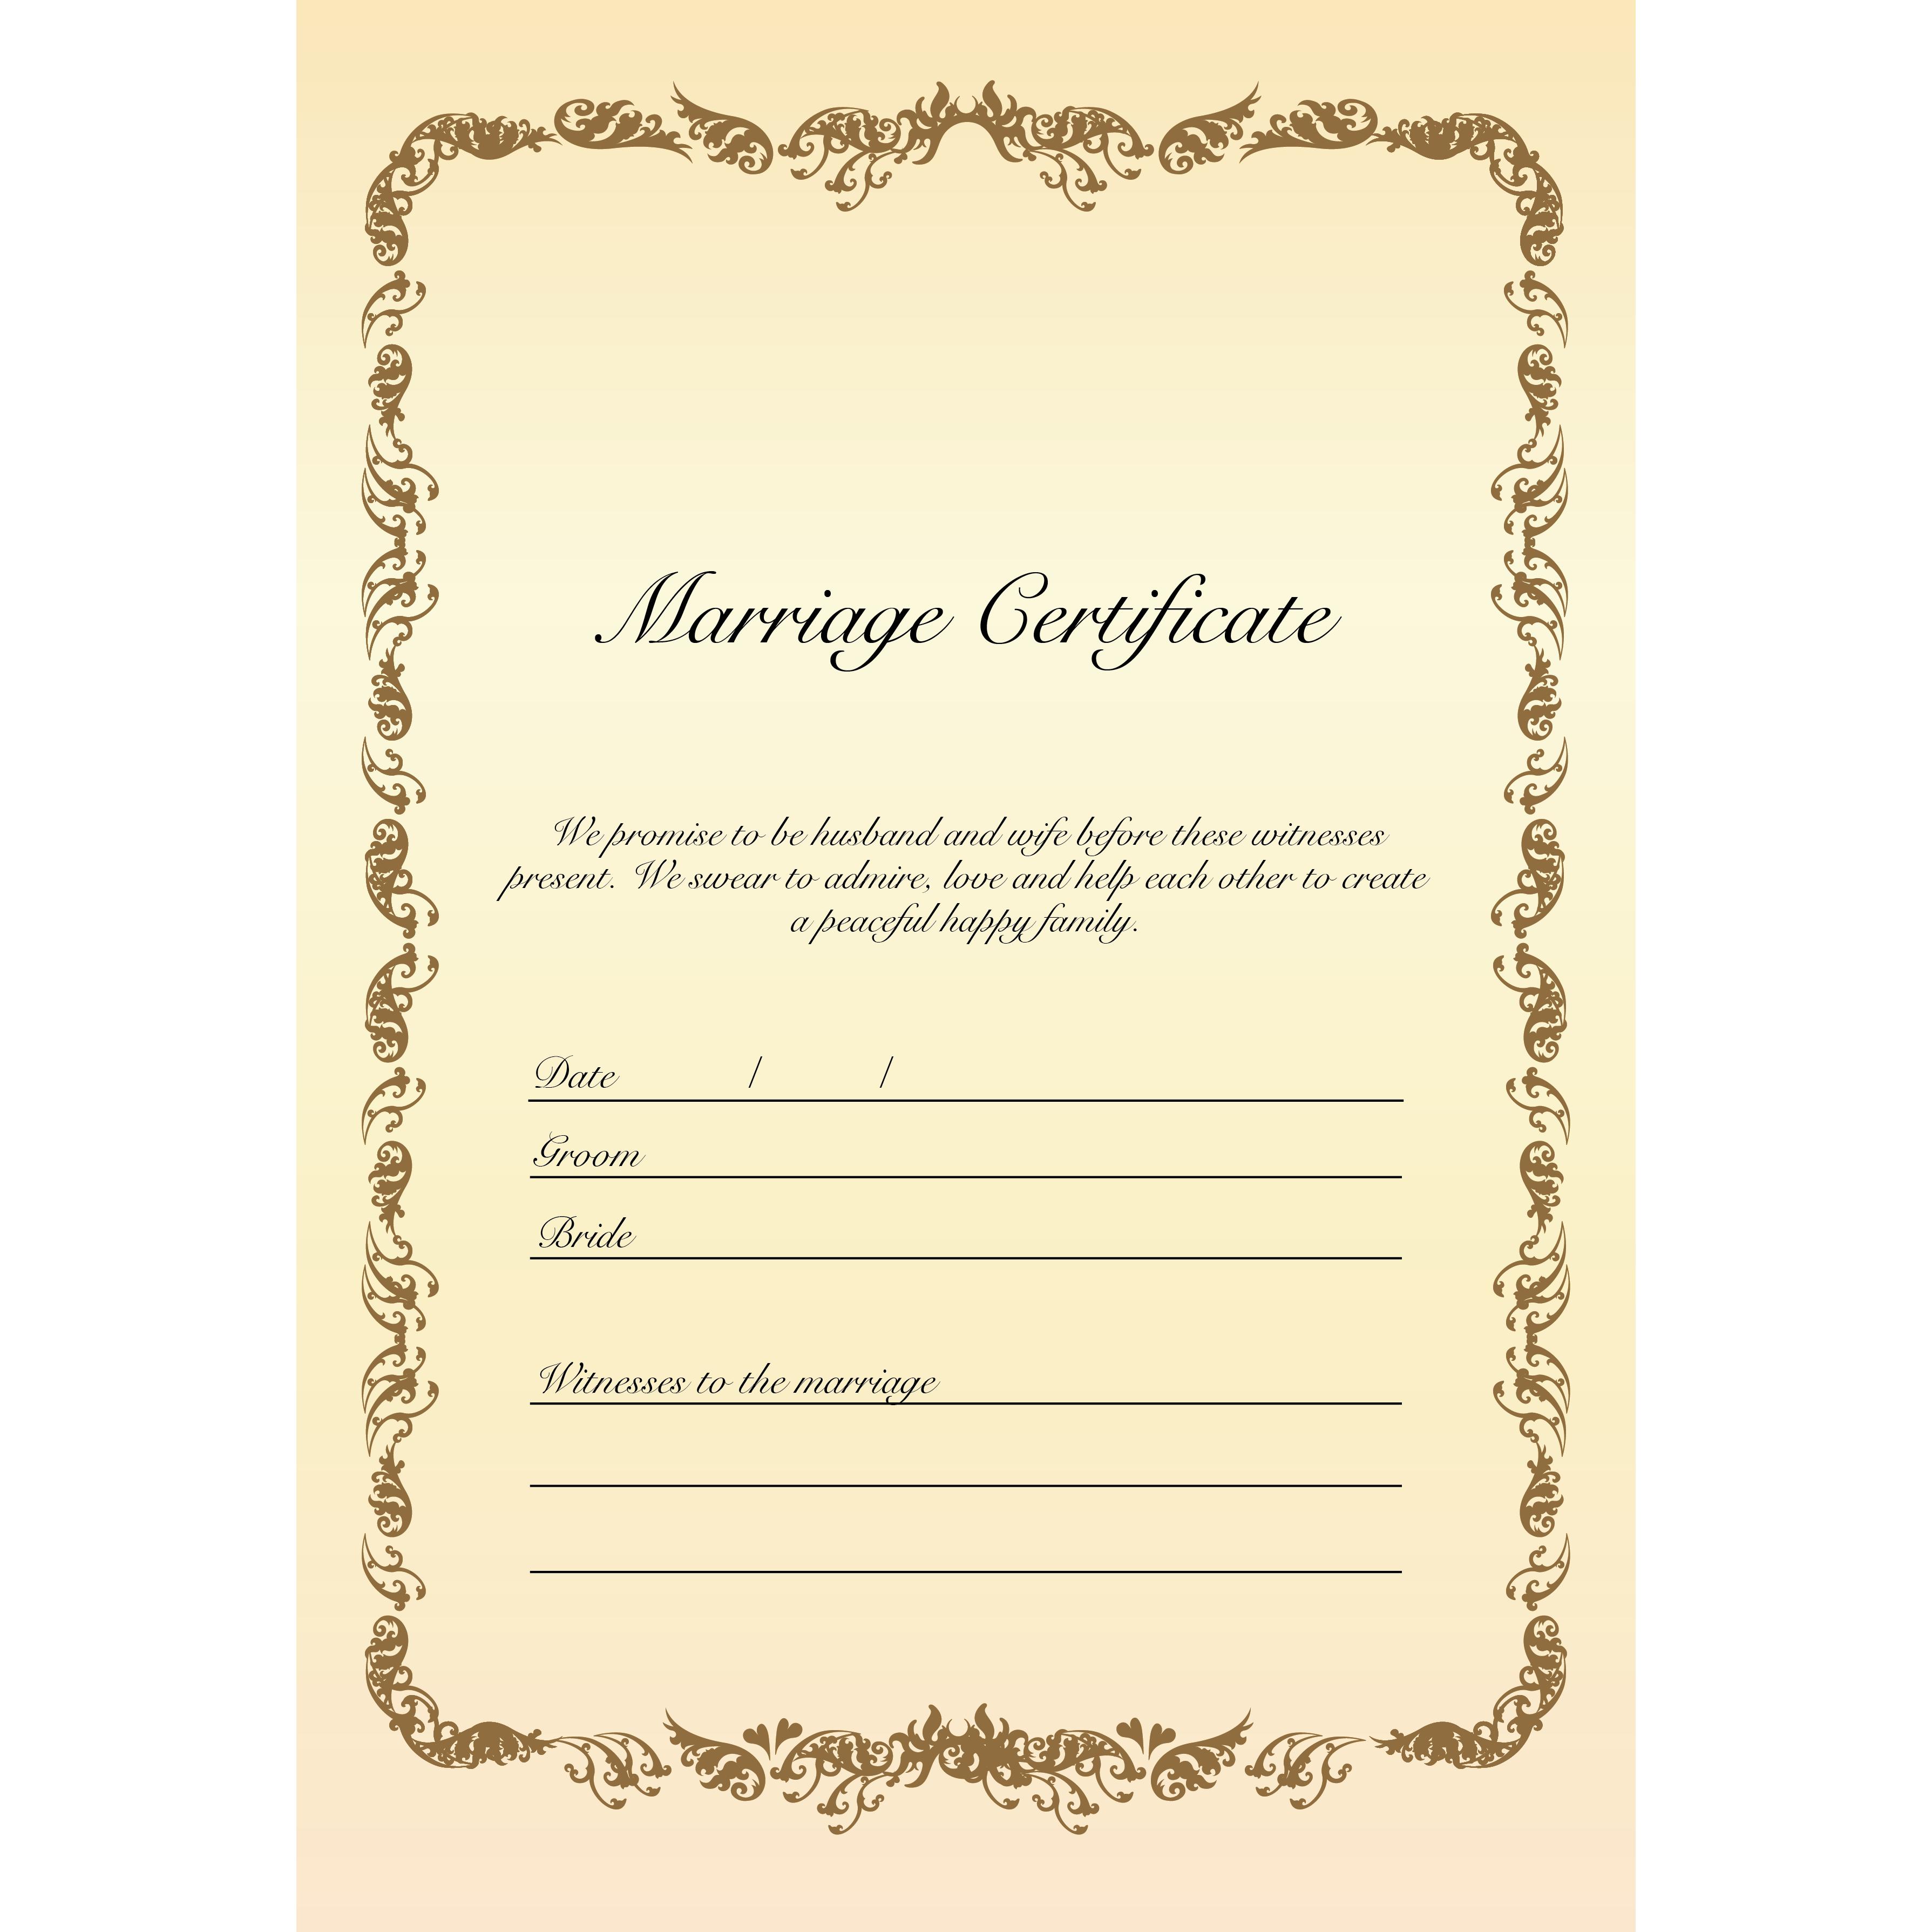 結婚証明書 テンプレート イラスト♪シンプルおしゃれに【縦】 商用フリー 無料 のイラスト素材なら「イラストマンション」